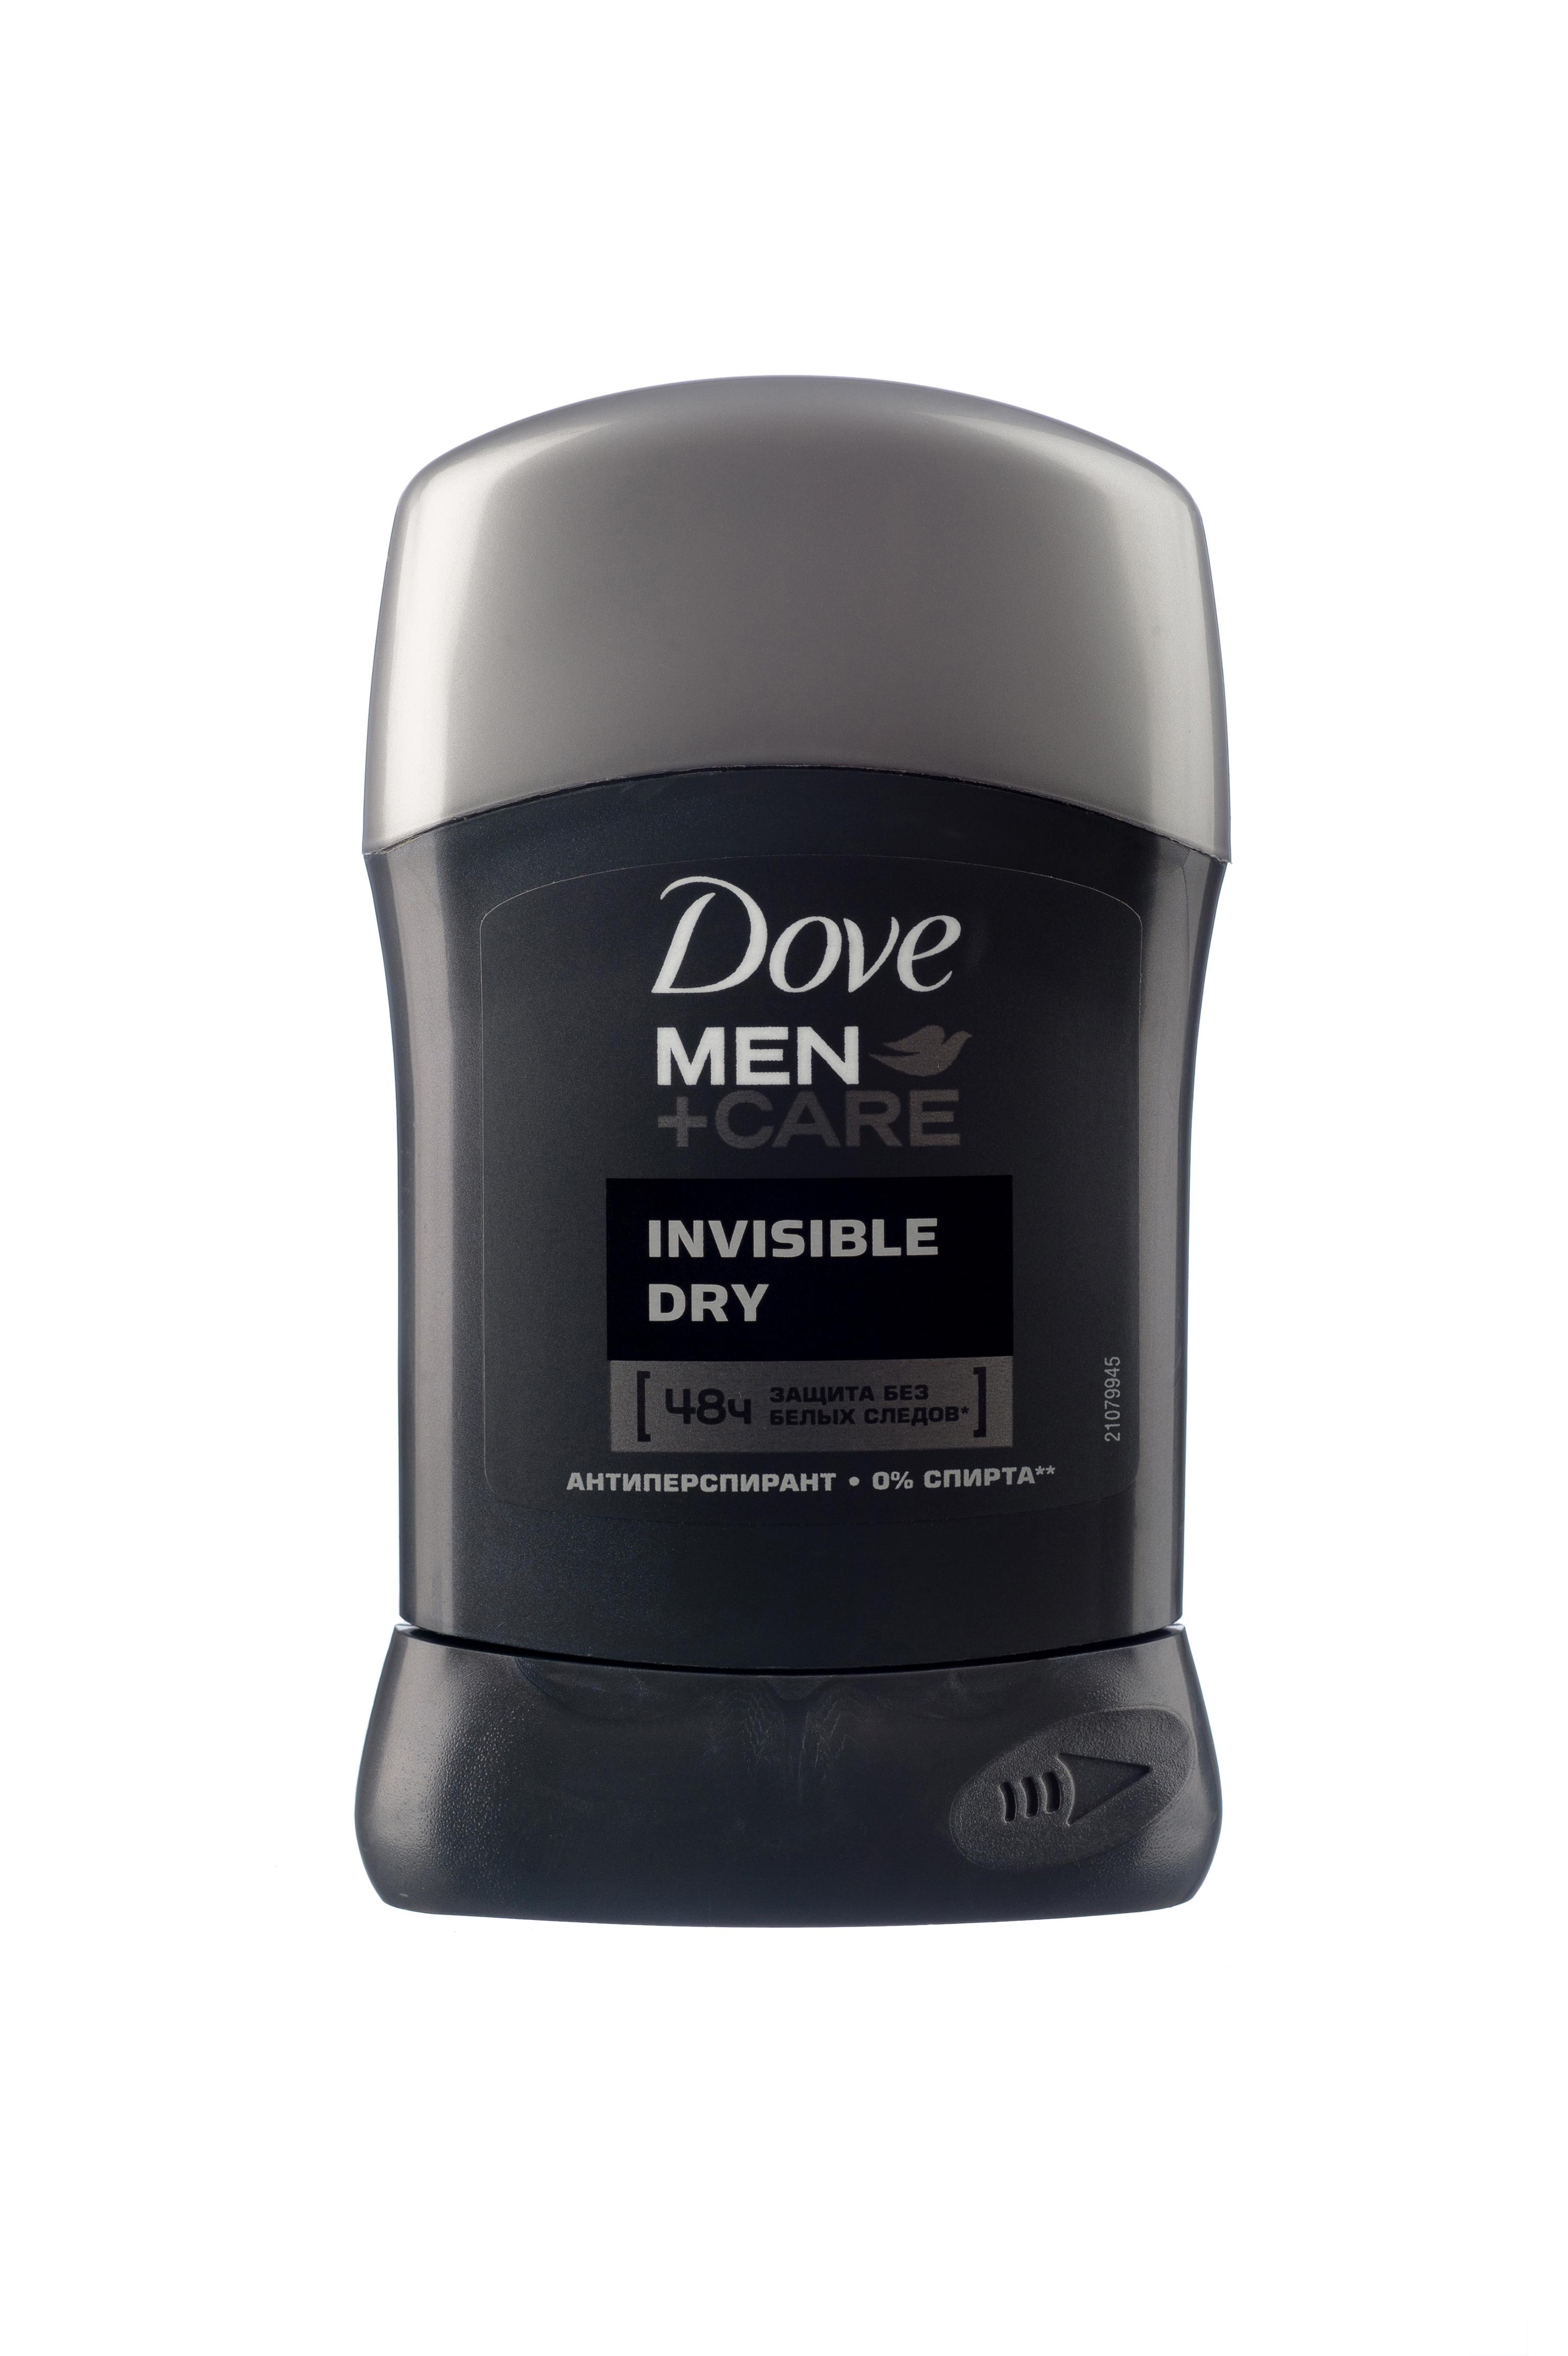 Dove Men+Care Антиперспирант карандаш Экстразащита без белых следов 50 мл21133371Антиперспирант, разработанный специально для мужчин, беспощаден к поту, но не к коже. Инновационная формула антиперспиранта для эффективной защиты от пота и запаха помогает ухаживать за мужской кожей 48 часов с момента нанесения.